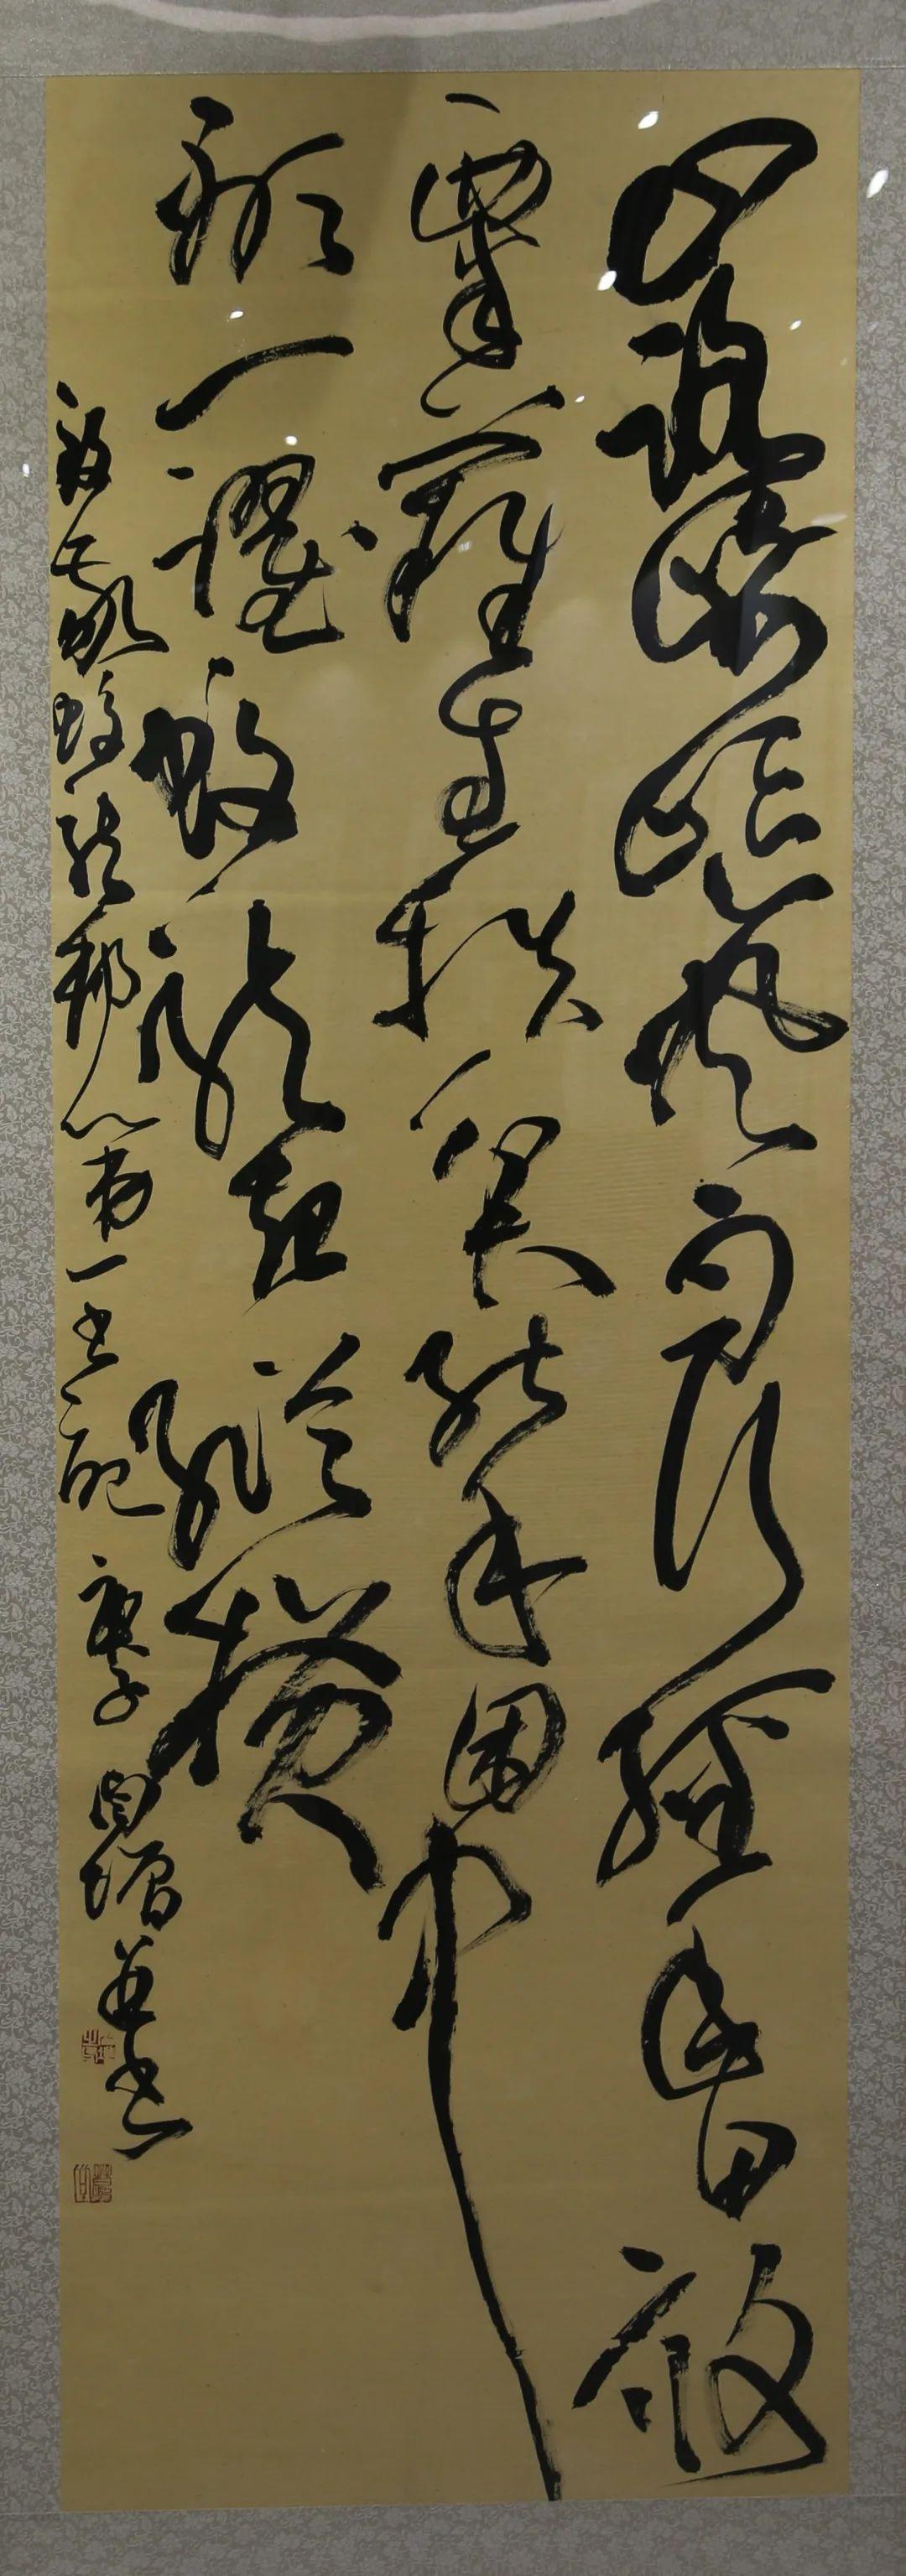 传承红色文化 携手共迎小康 苏皖两省六市书画展在蚌埠开幕(图39)